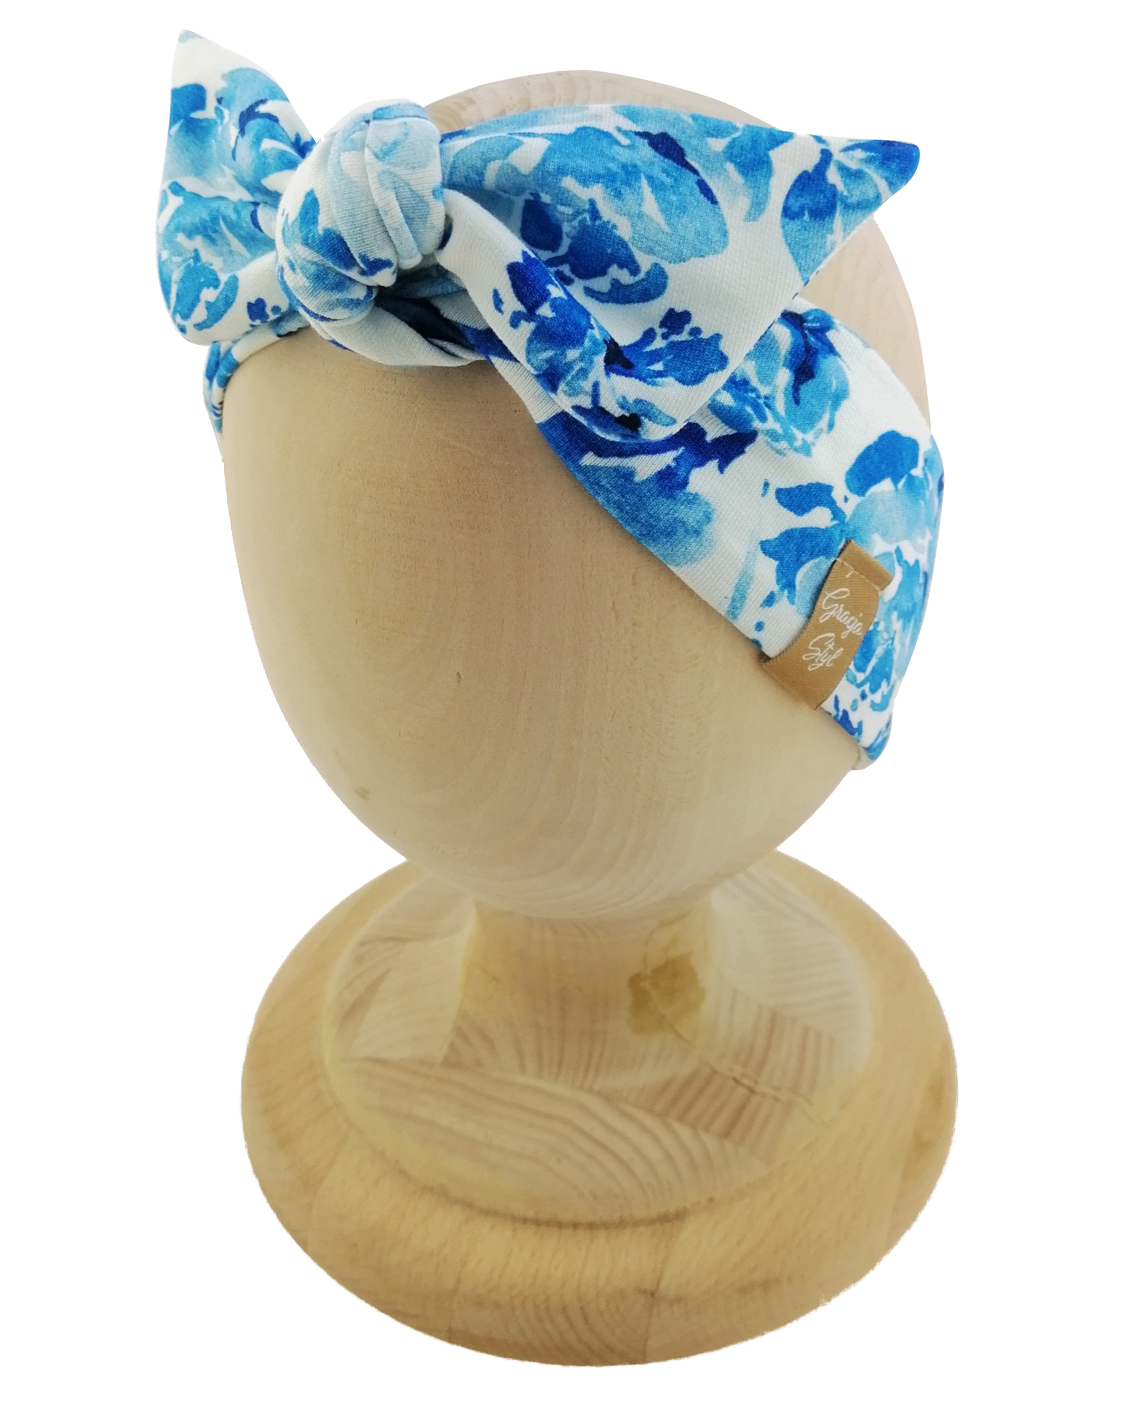 Opaska kobieca typu Pin-up marki Gracja Styl. Uszyta z bawełny petelkowej typu dresówka. Wzór blue garden.